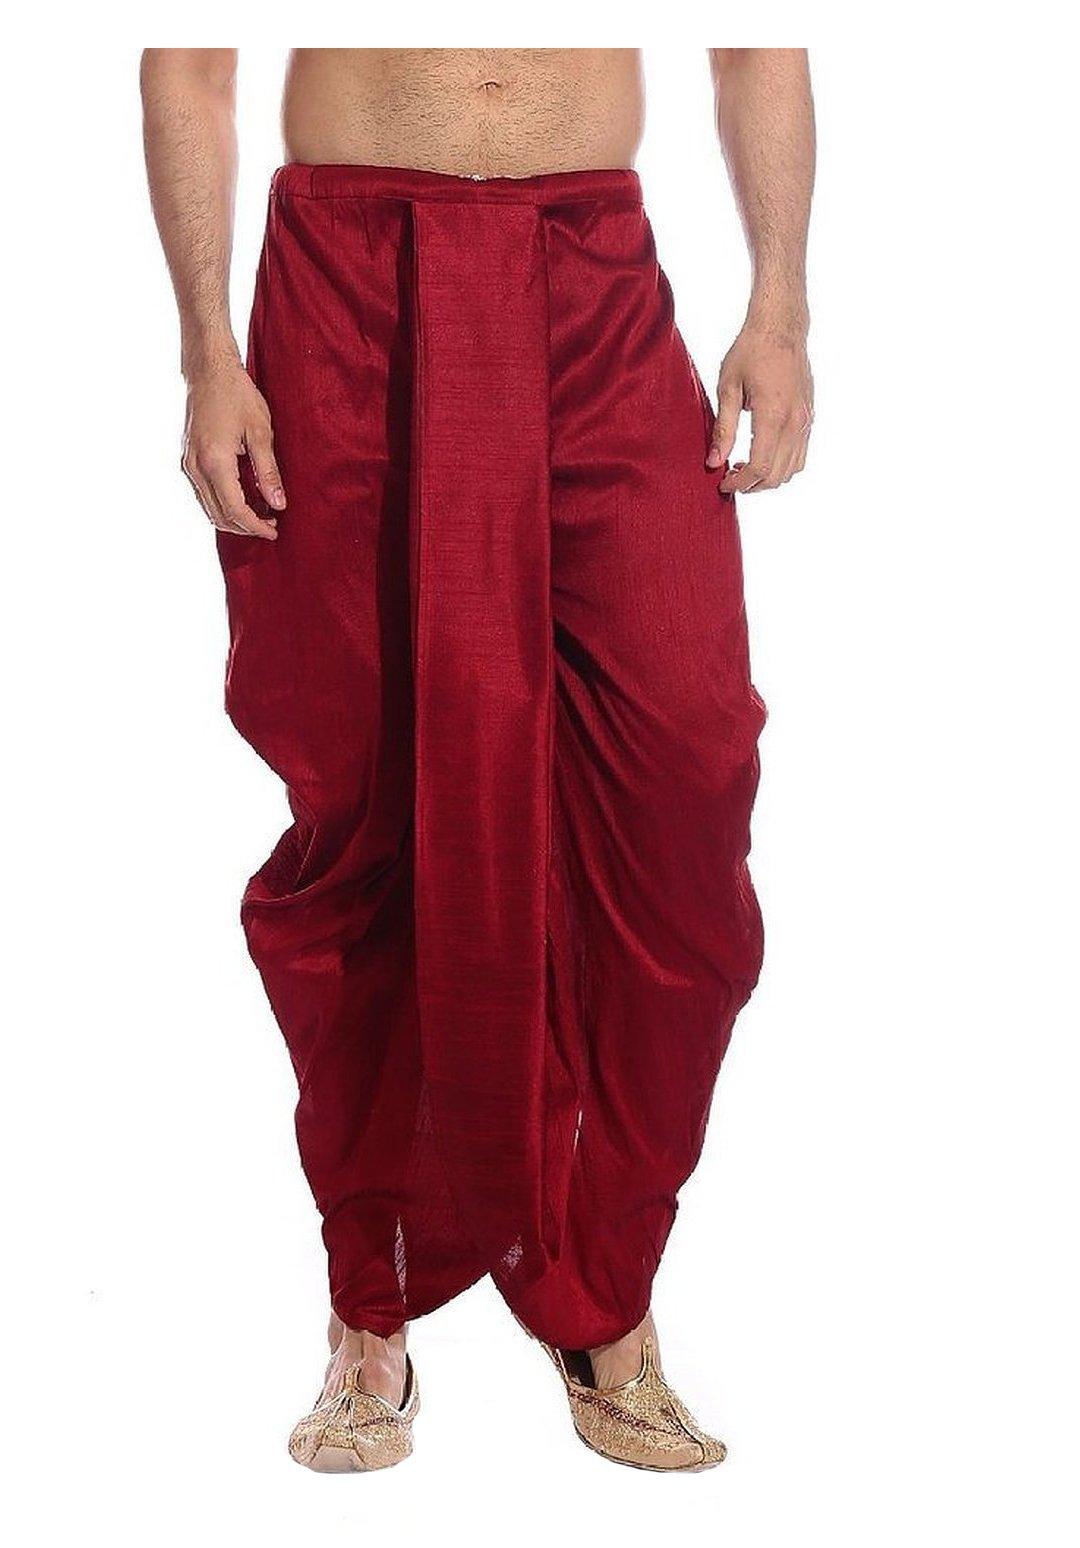 Royal Kurta Men's Art Silk Fine Quality Ready To Wear Dhoti pants Free Size Red